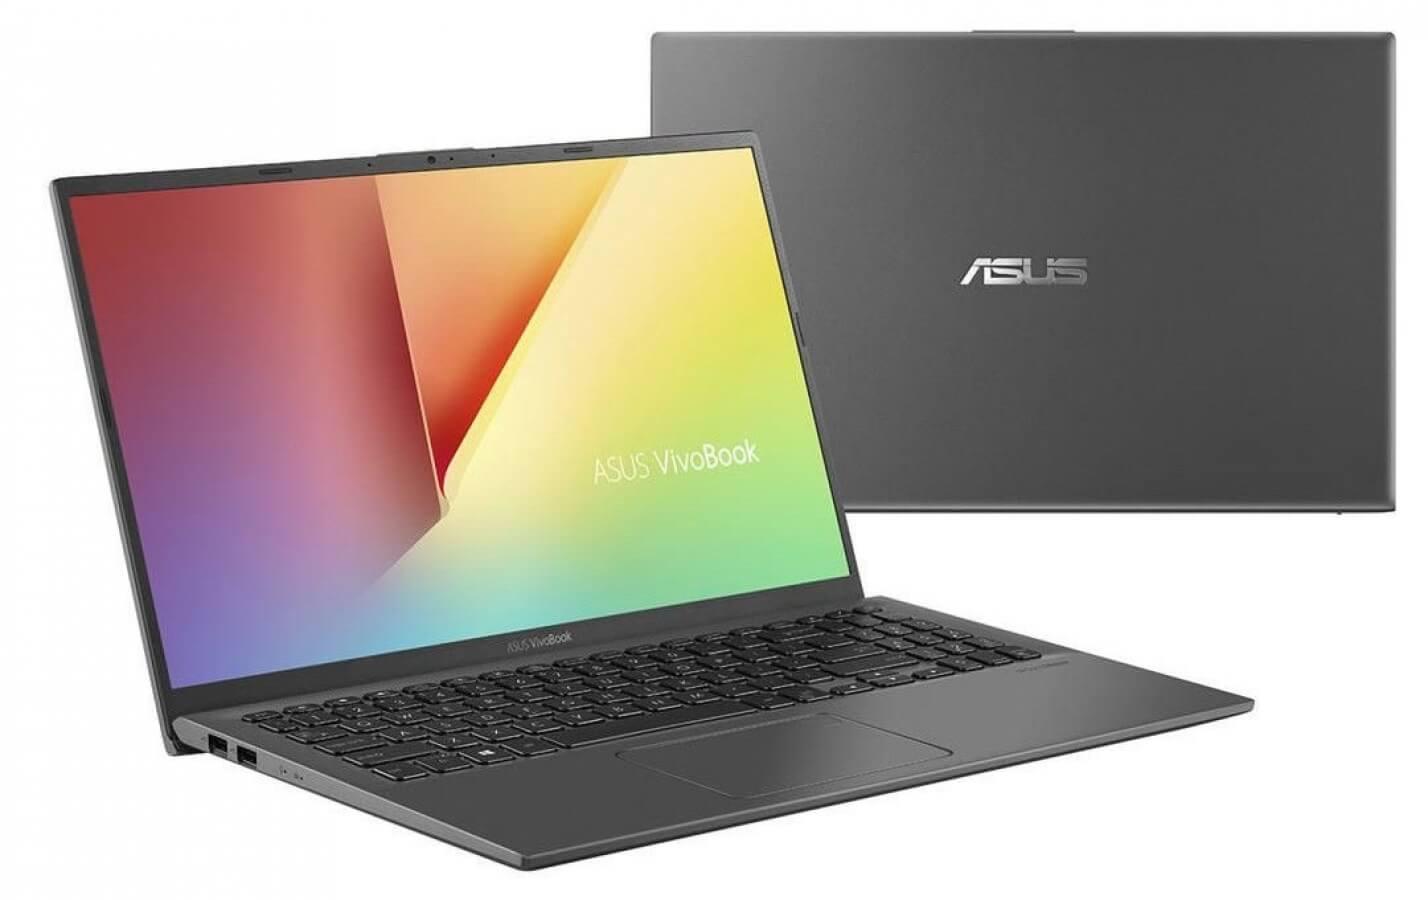 ASUS VIVOBOOK 15 X512FA-BQ830 / I5-8265U 1,6 / 8192 MB DDR4 / 512 GB SSD M.2 / WINDOWS 10 PRO / BLUETOOTH / CAMERA / NOVÝ